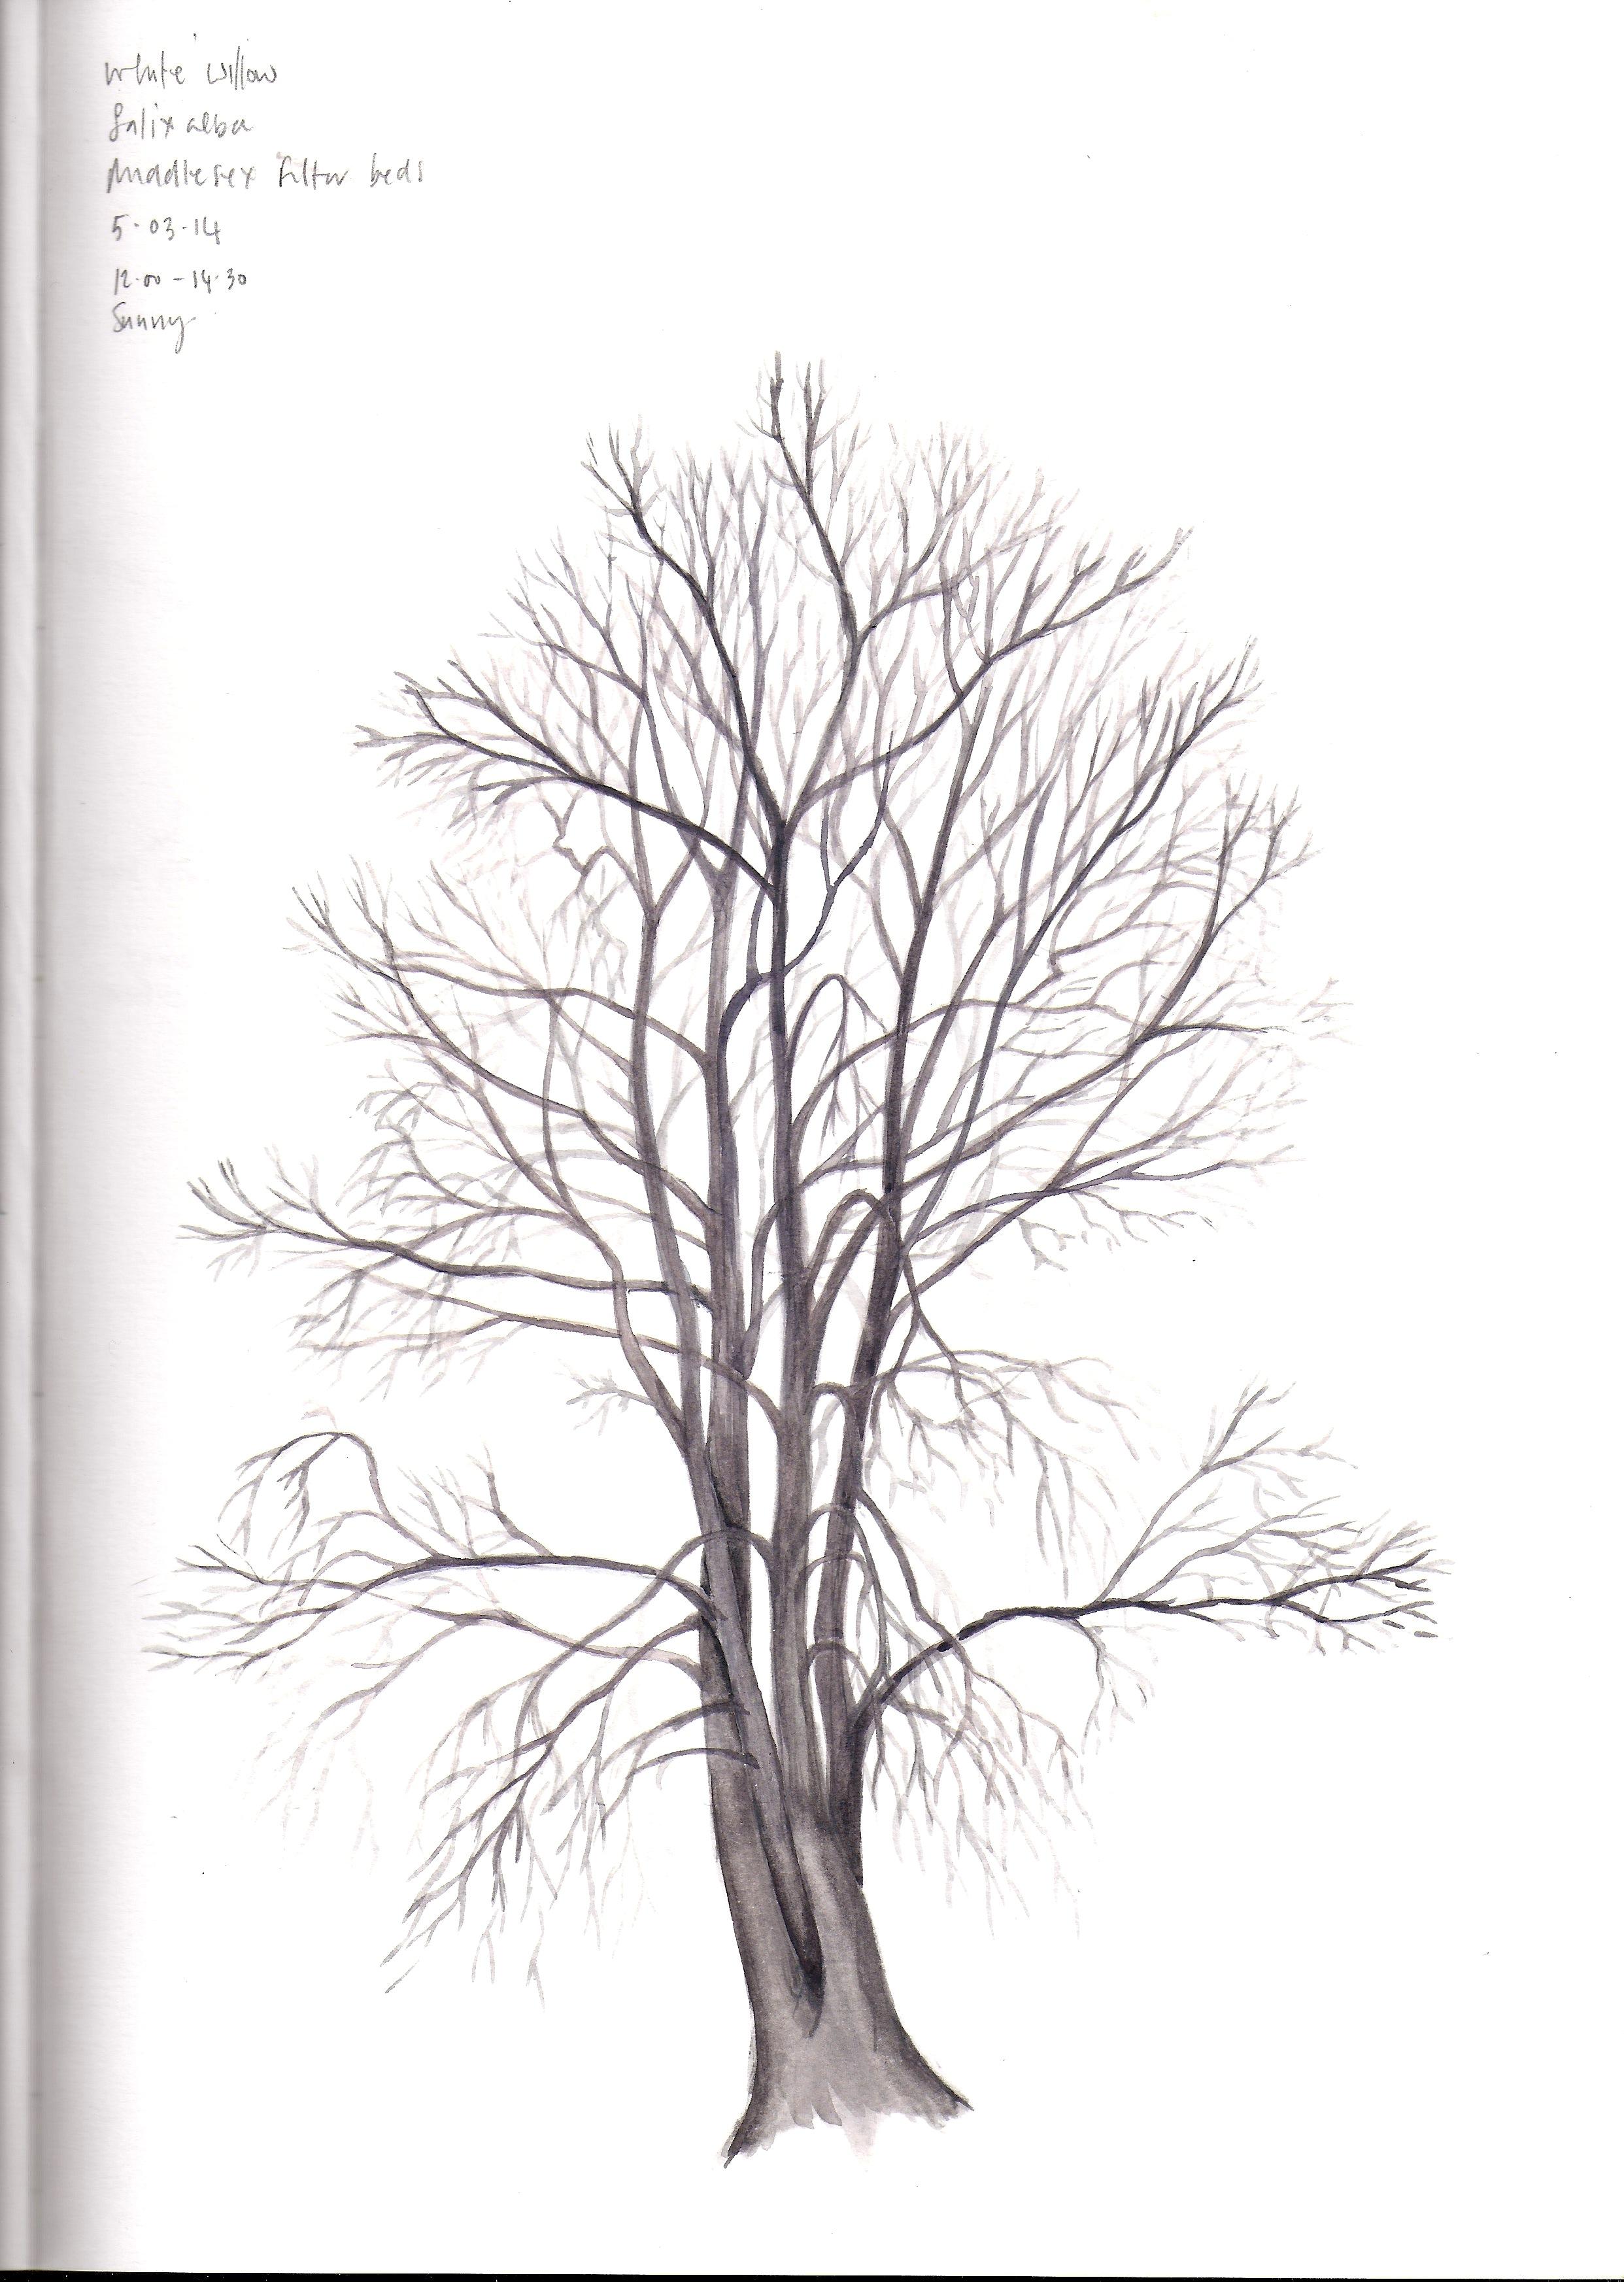 white willow-1.jpeg